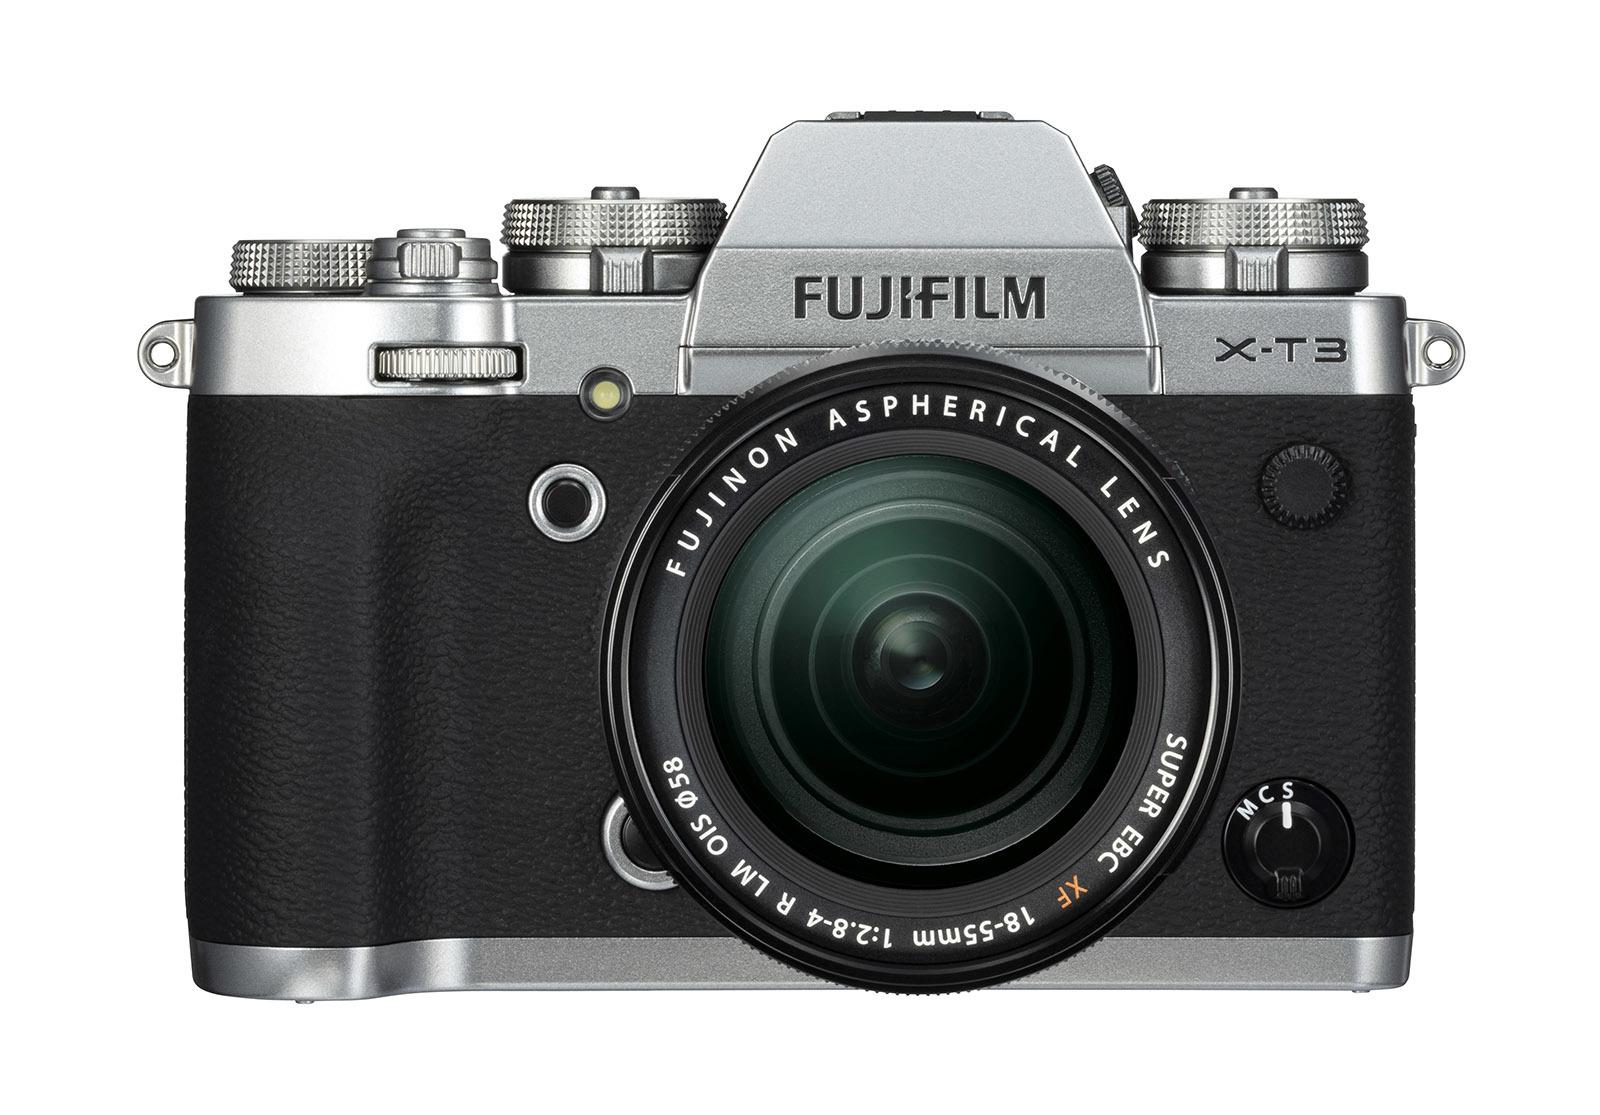 X-T3_Silver_Front+XF18-55mm.jpg